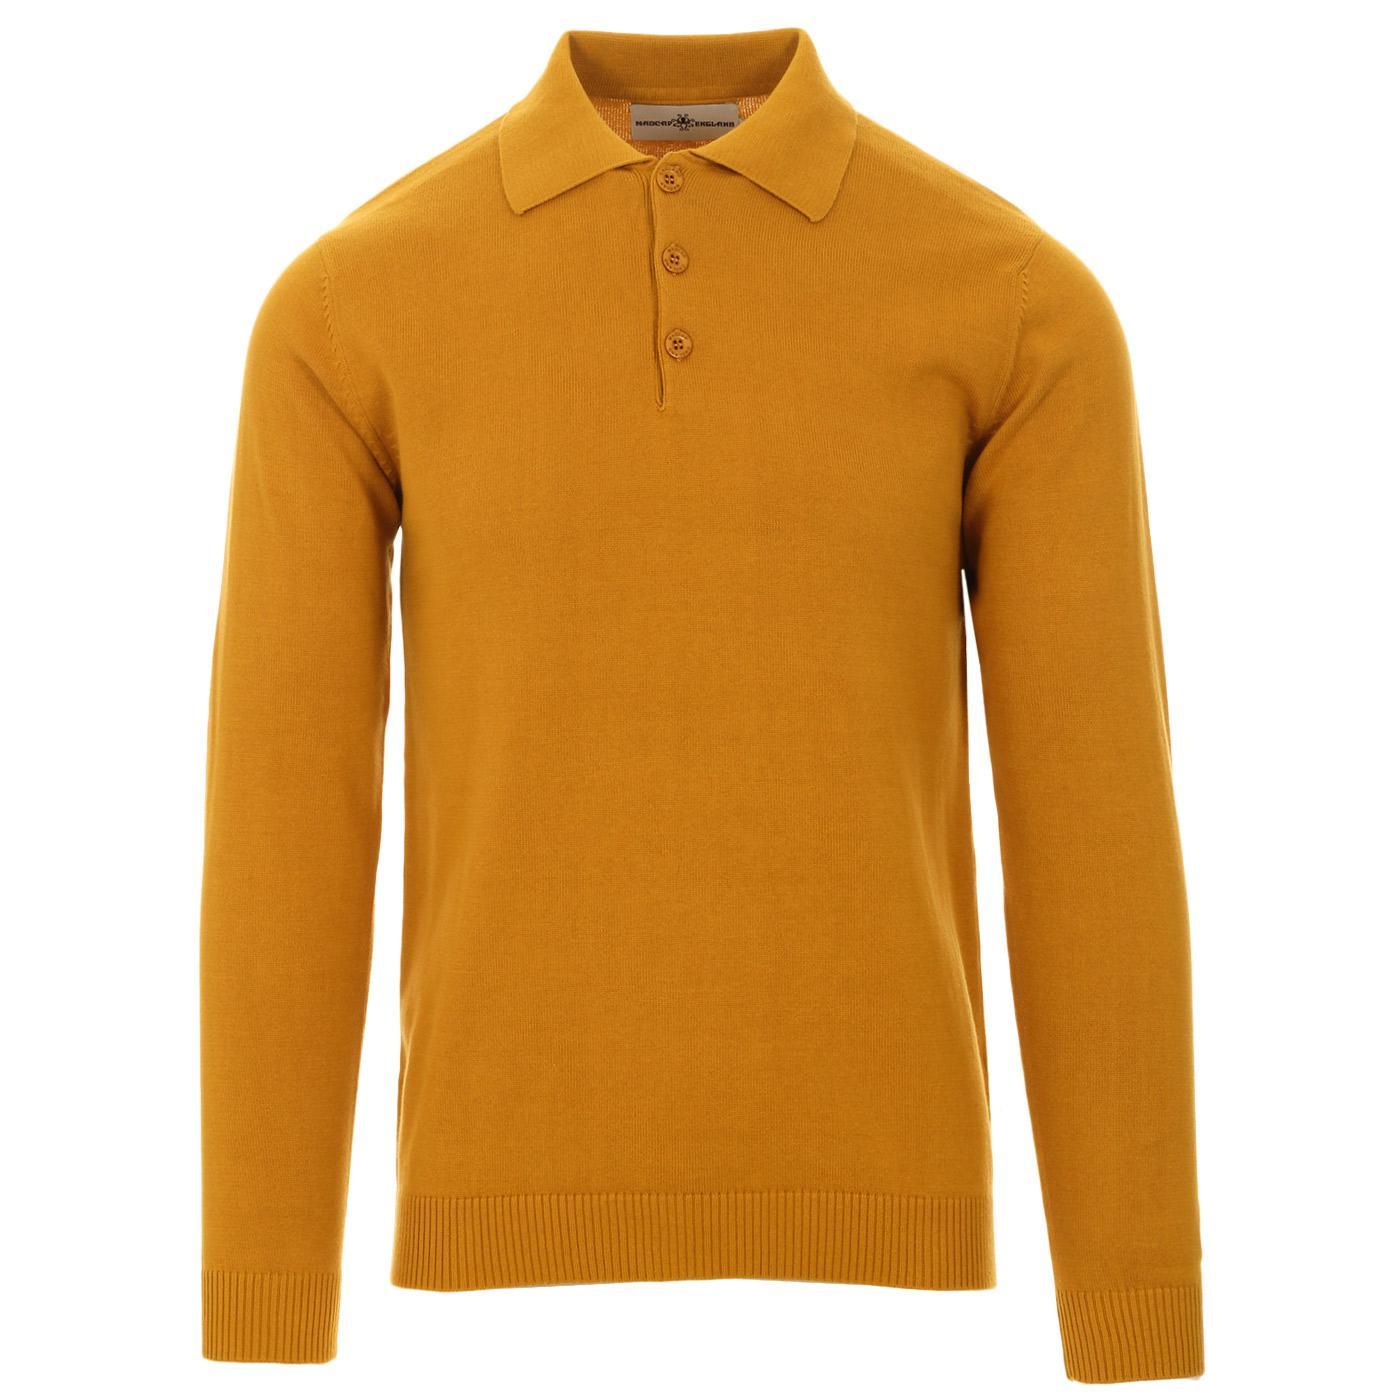 Brando MADCAP ENGLAND 1960s Mod Knitted Polo (HG)